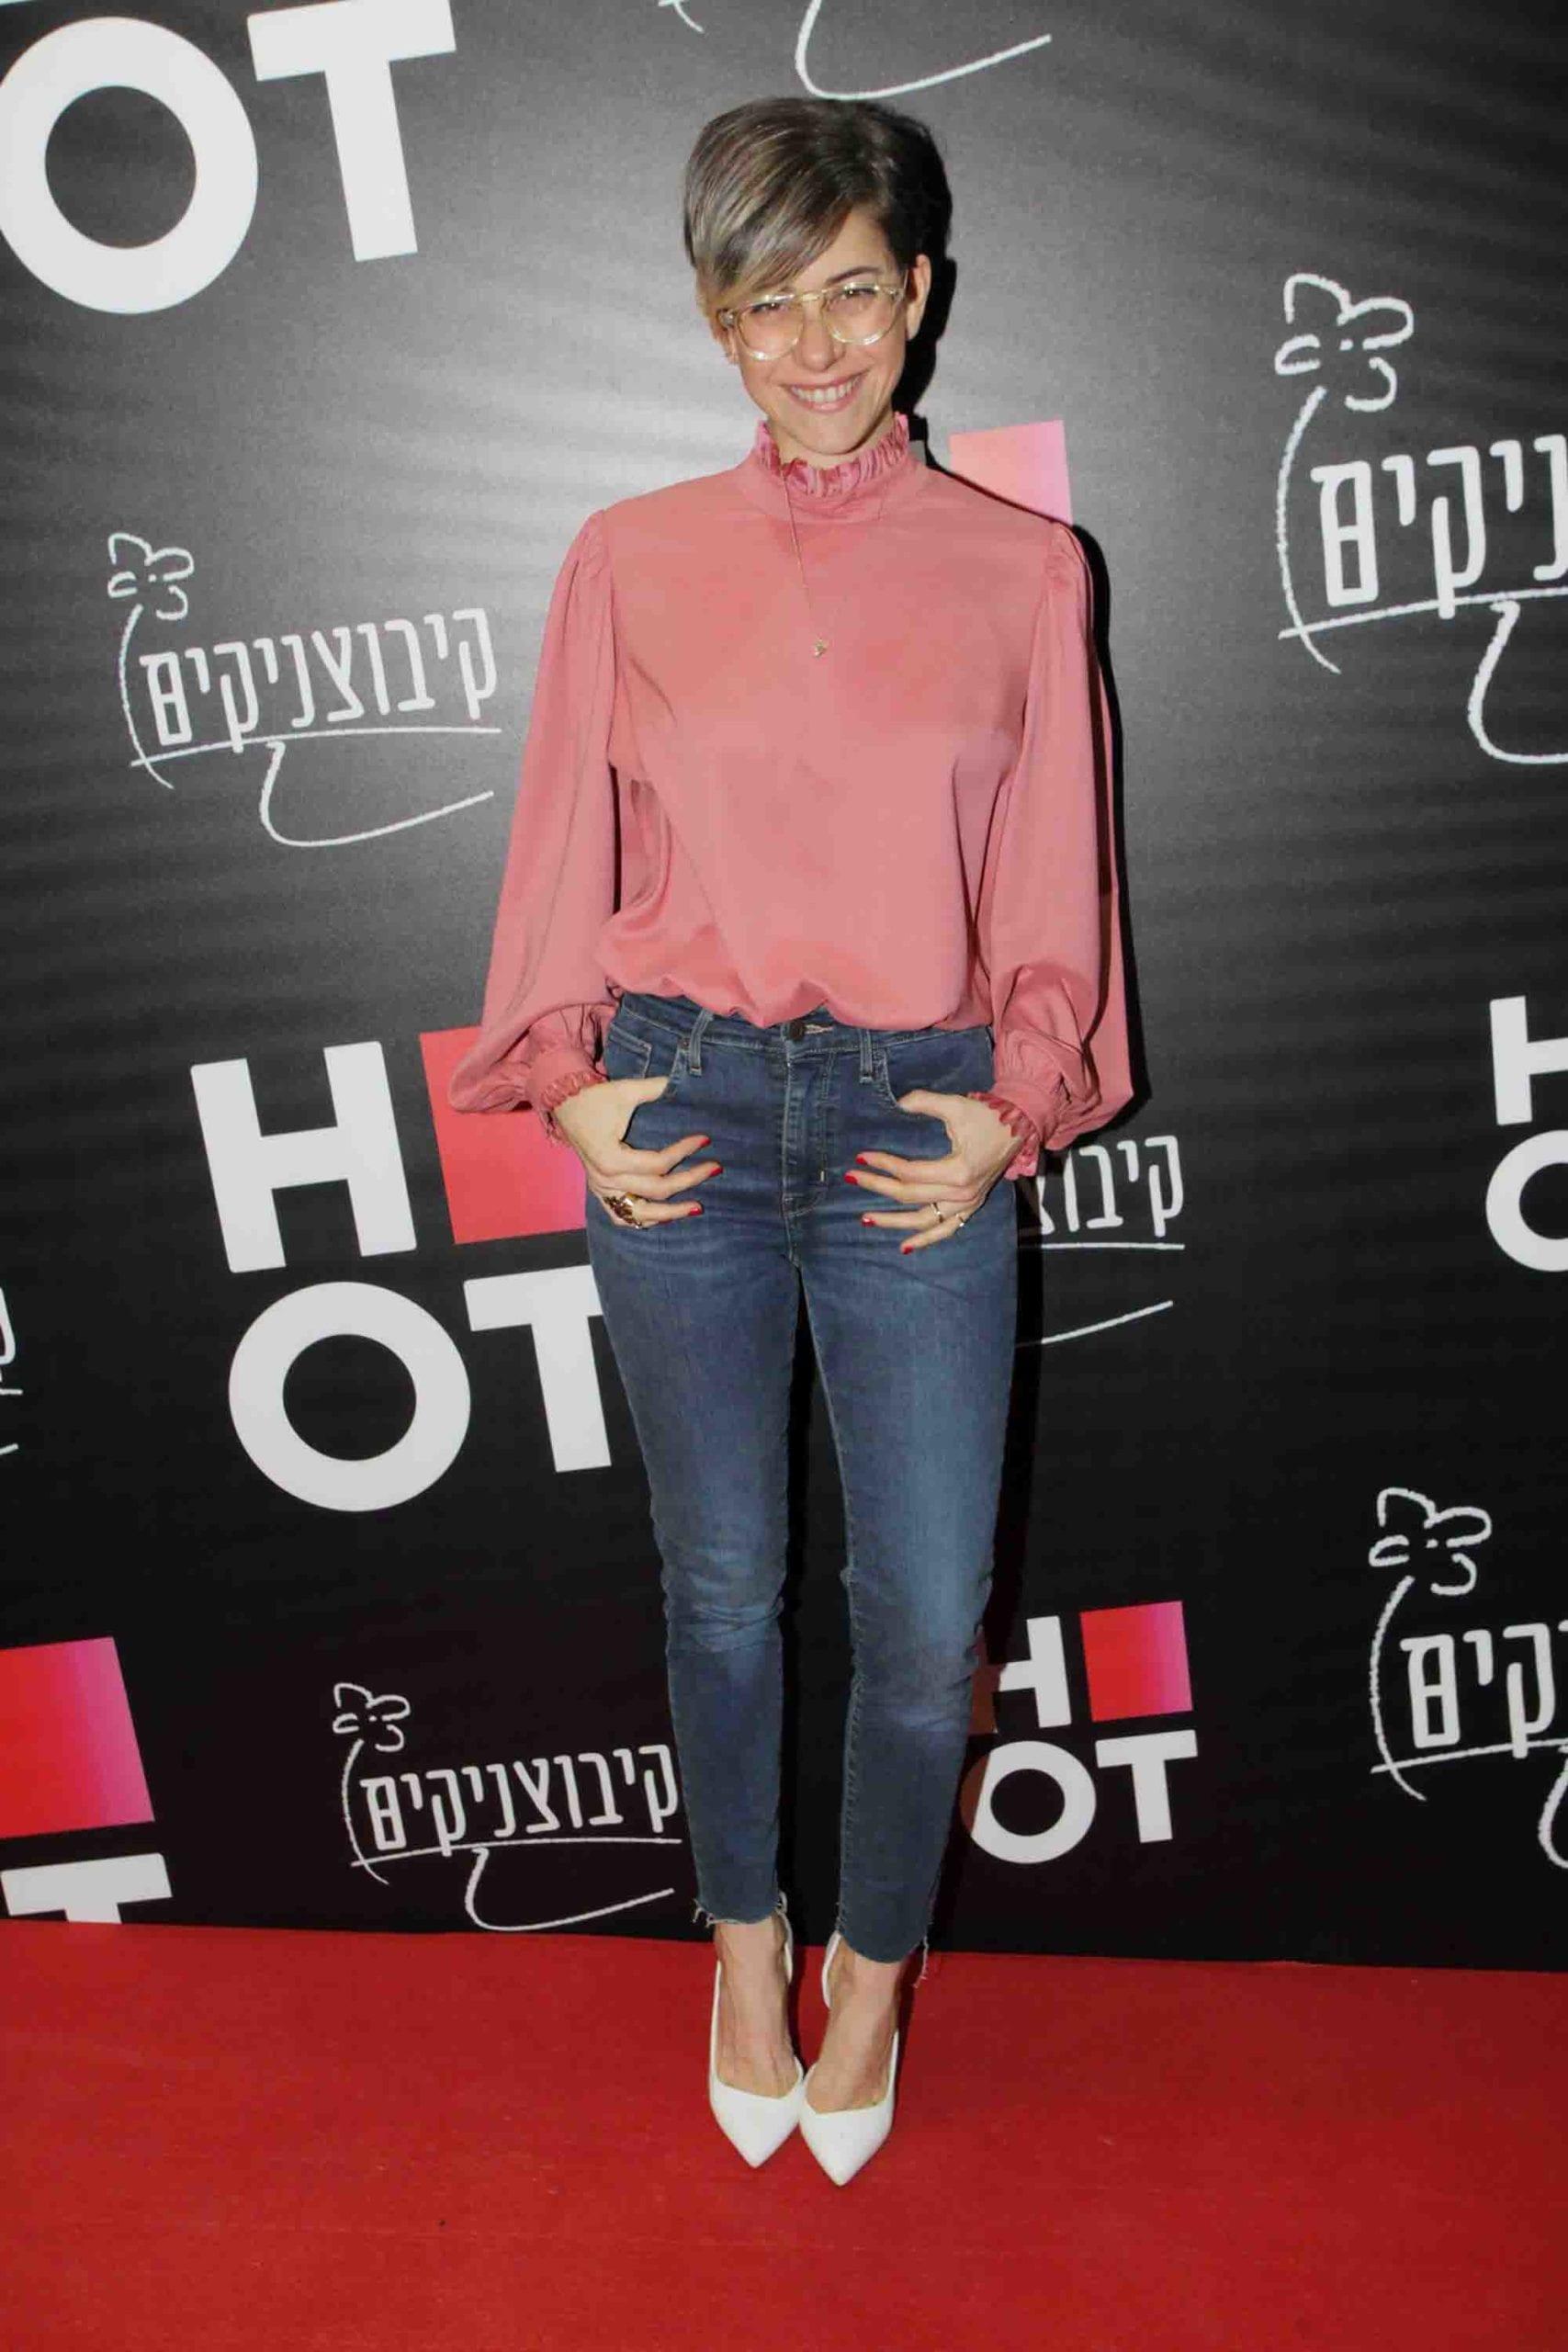 דפנה לוסטיג, מגזין אופנה